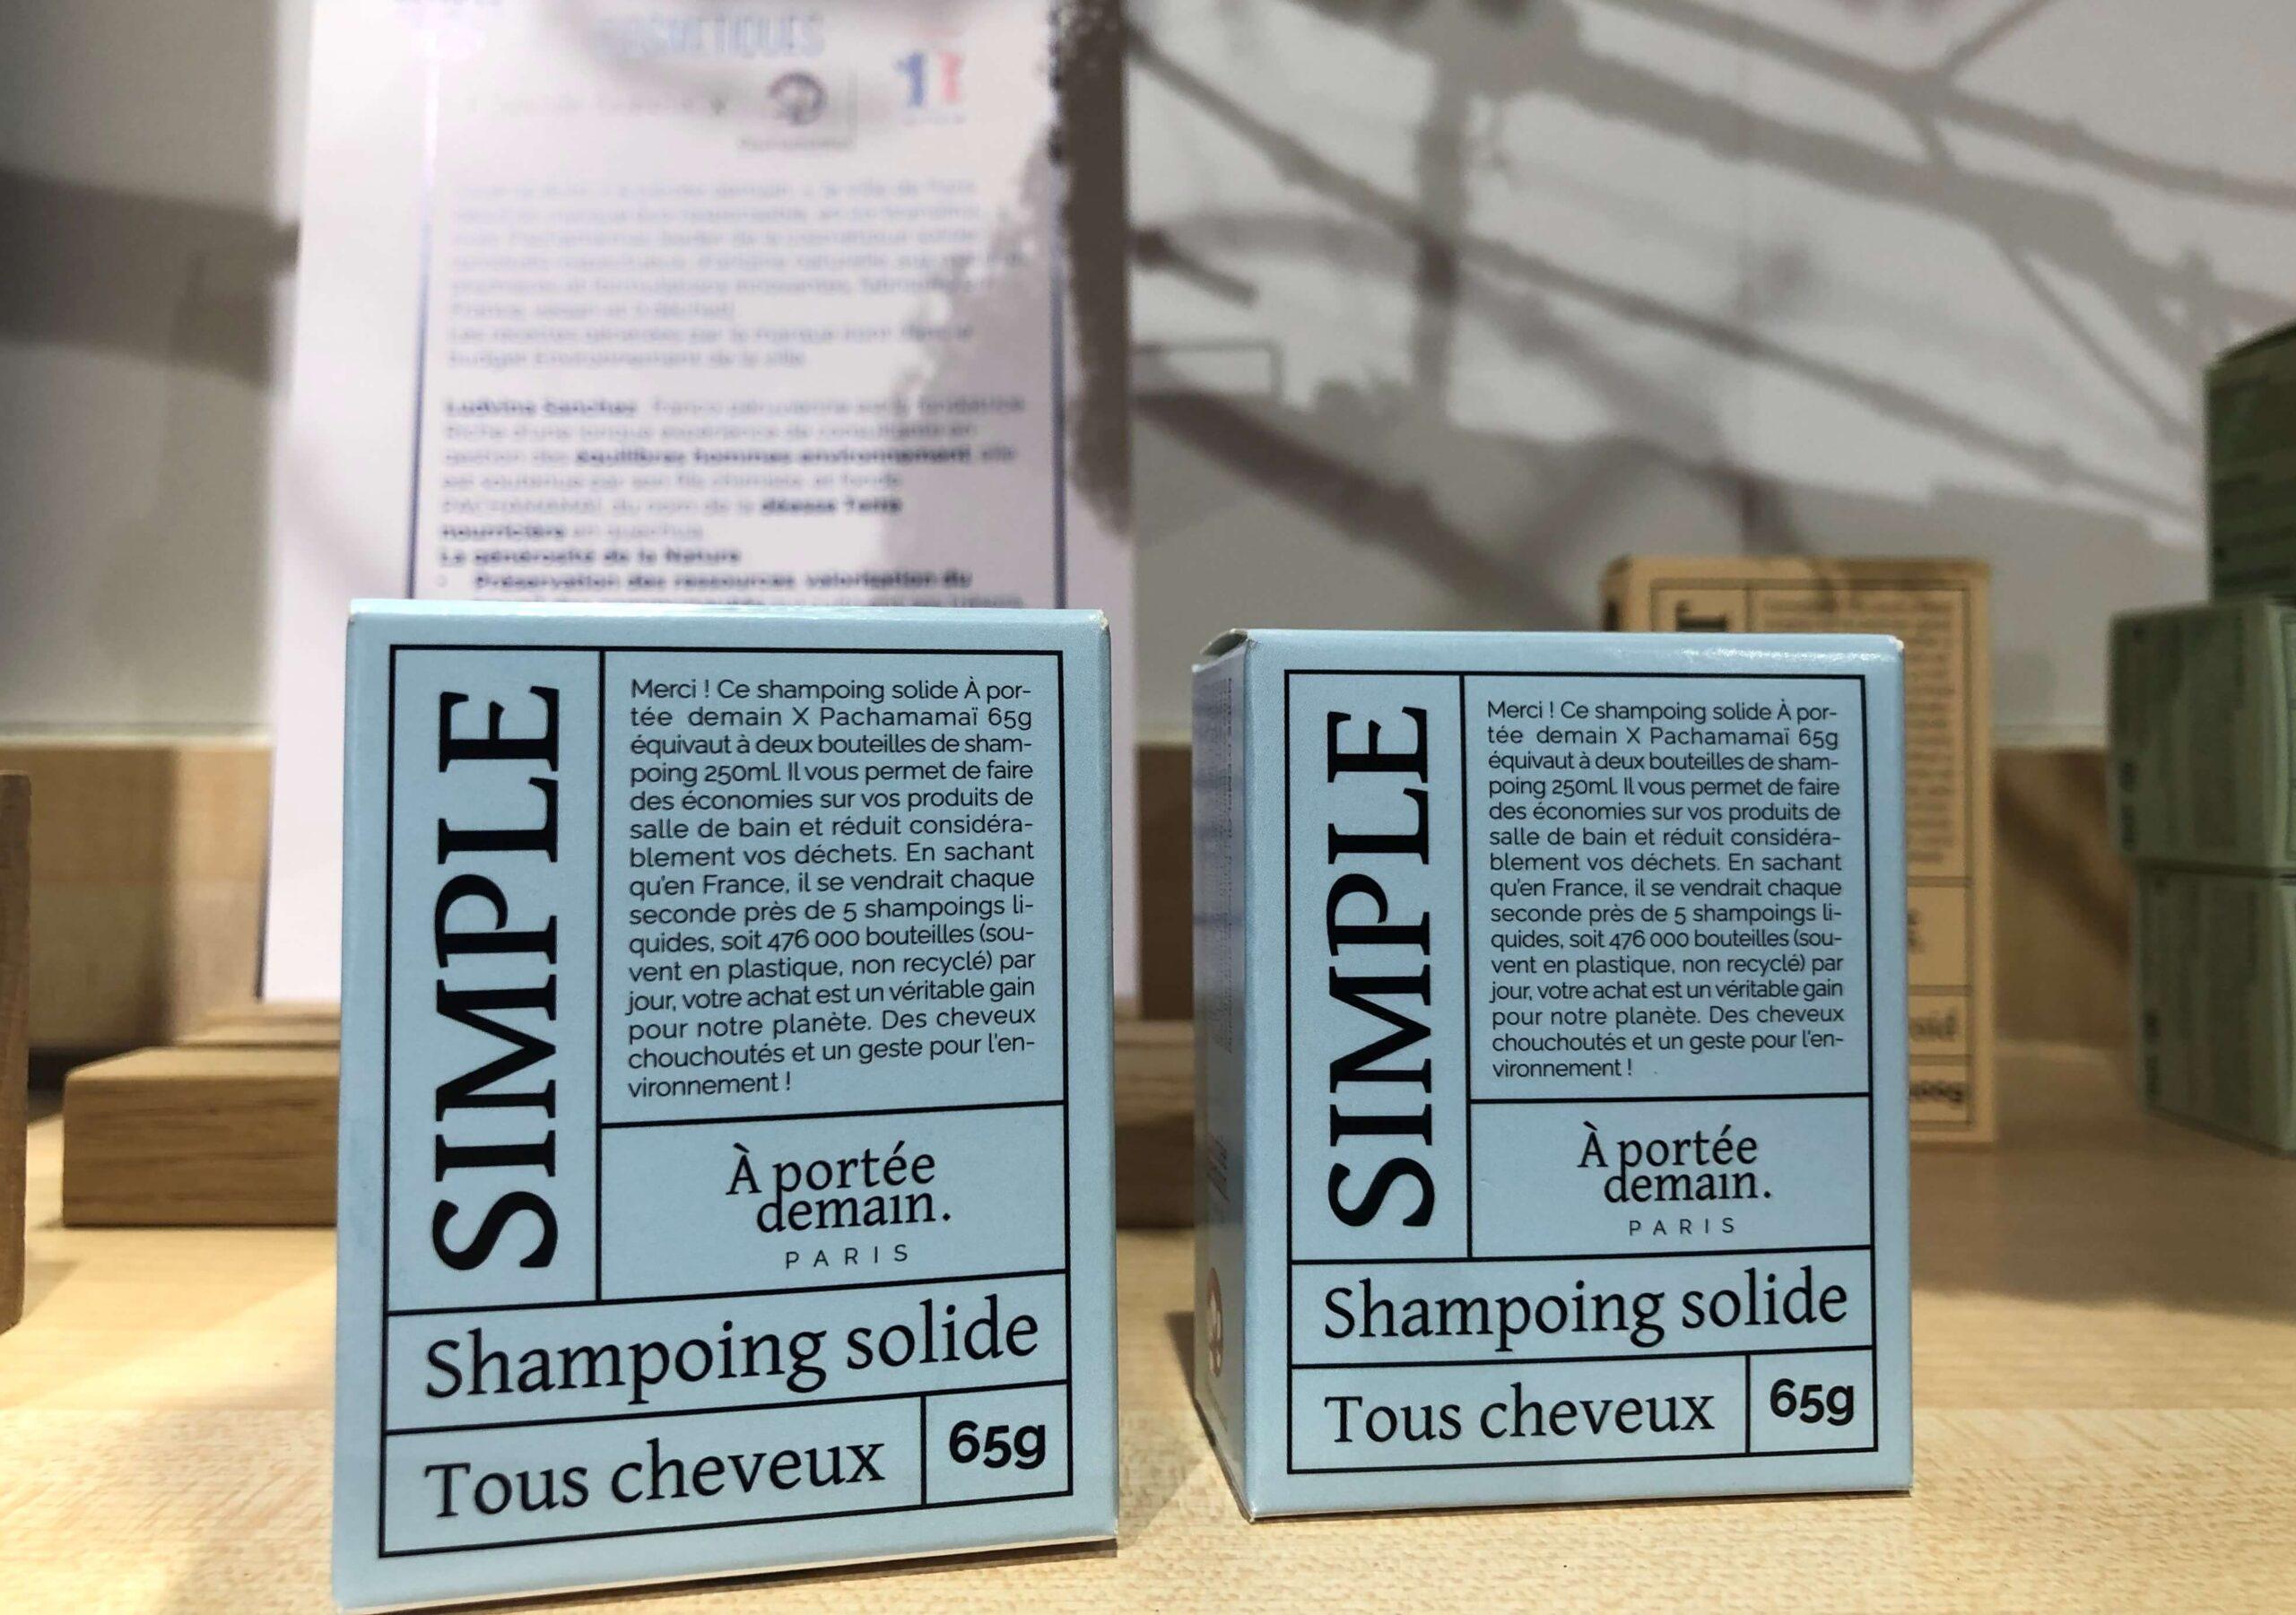 パリ最新情報「パリ市、化粧品ブランドを立ち上げる」